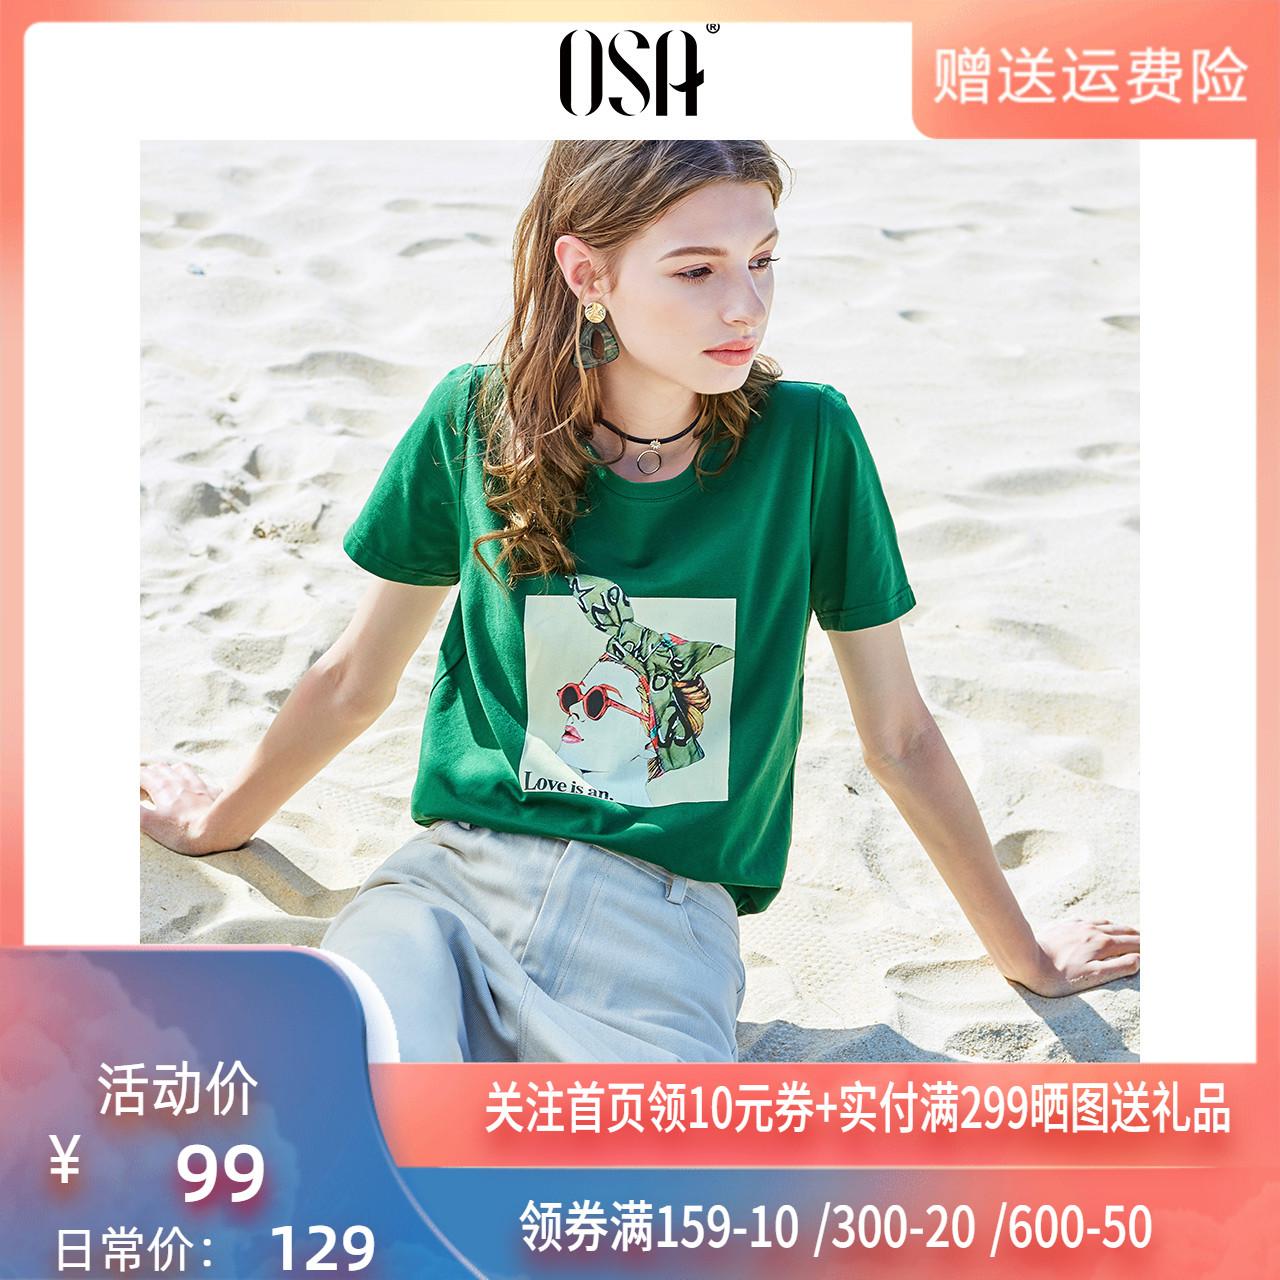 绿色T恤 OSA欧莎绿色短袖t恤女2021年夏装新款ins宽松潮韩版印花上衣清新_推荐淘宝好看的绿色T恤